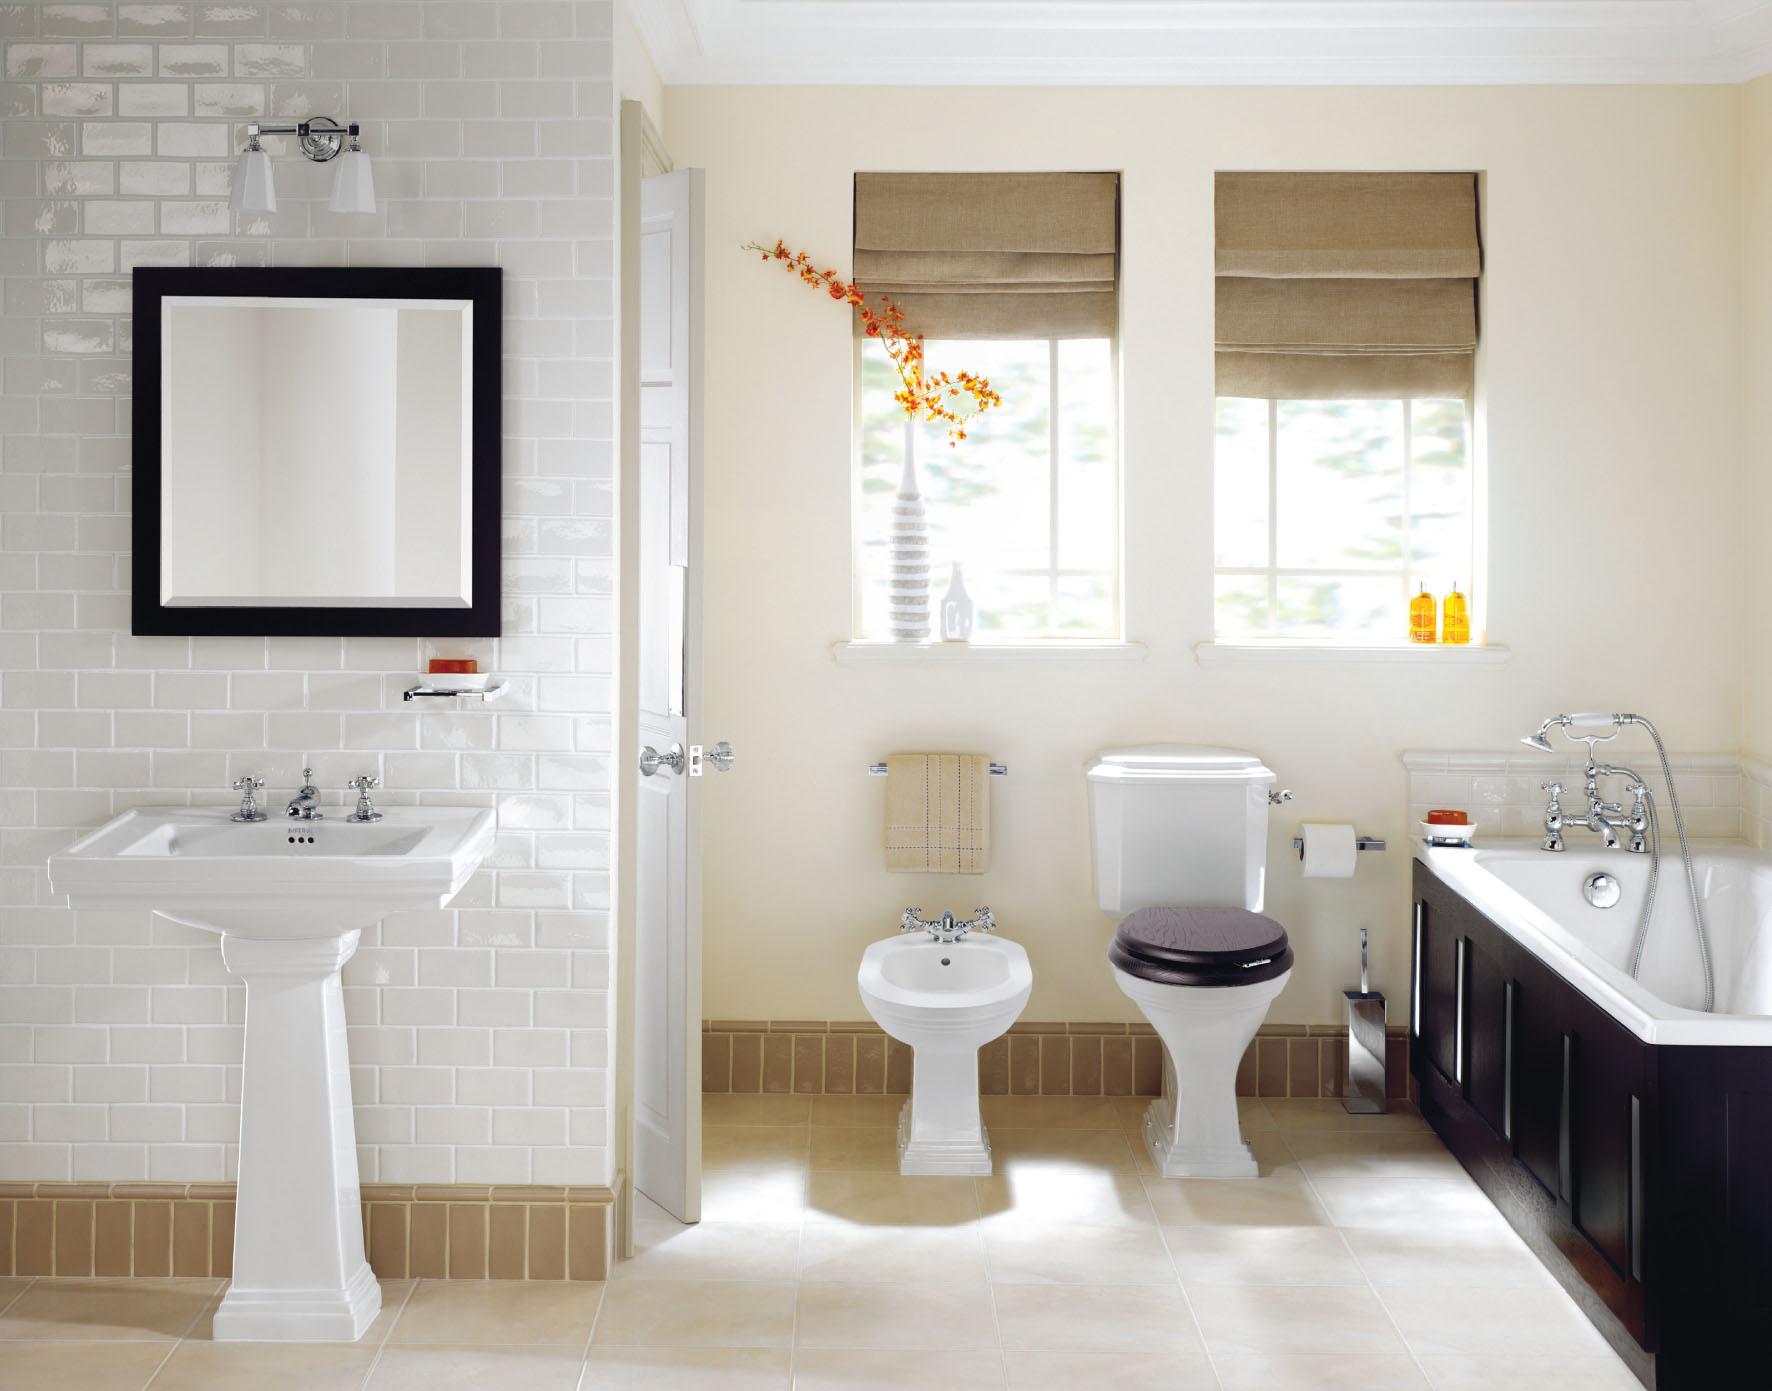 Kaip i sirinkti unitaz k turi b ti kreipiamas for New style washroom